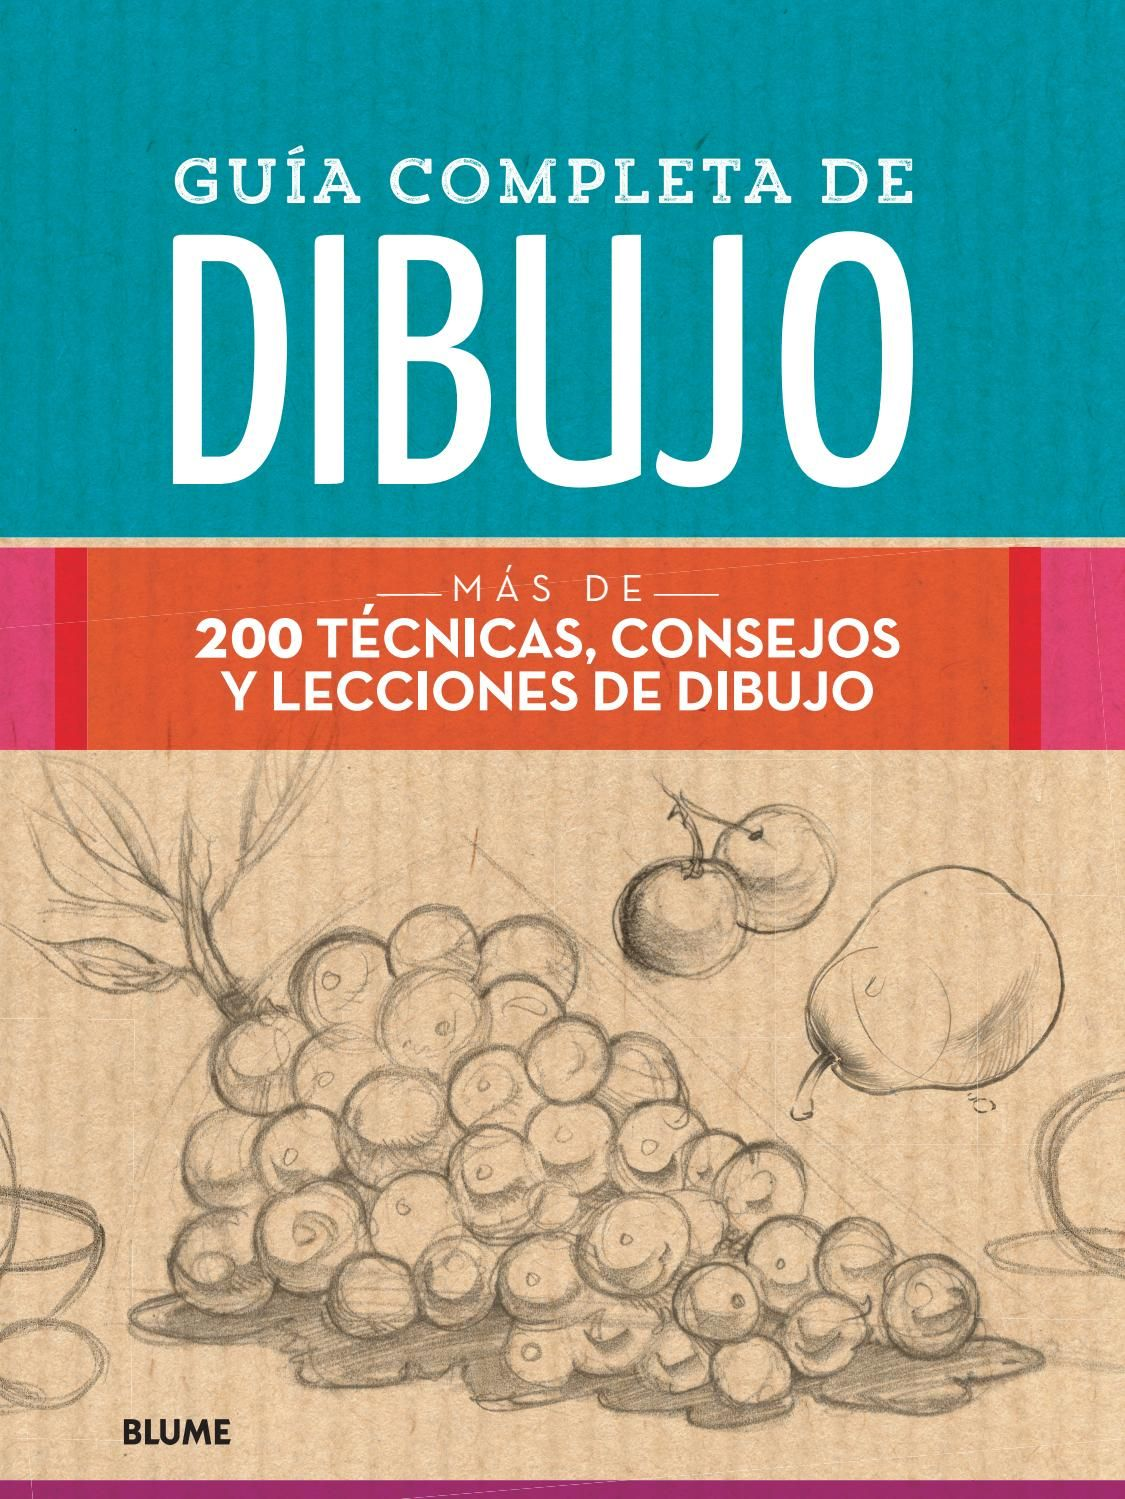 Mas De 200 Tecnicas Consejos Y Lecciones De Dibujo Libro De Dibujo Libros De Dibujo Pdf Tecnicas De Dibujo